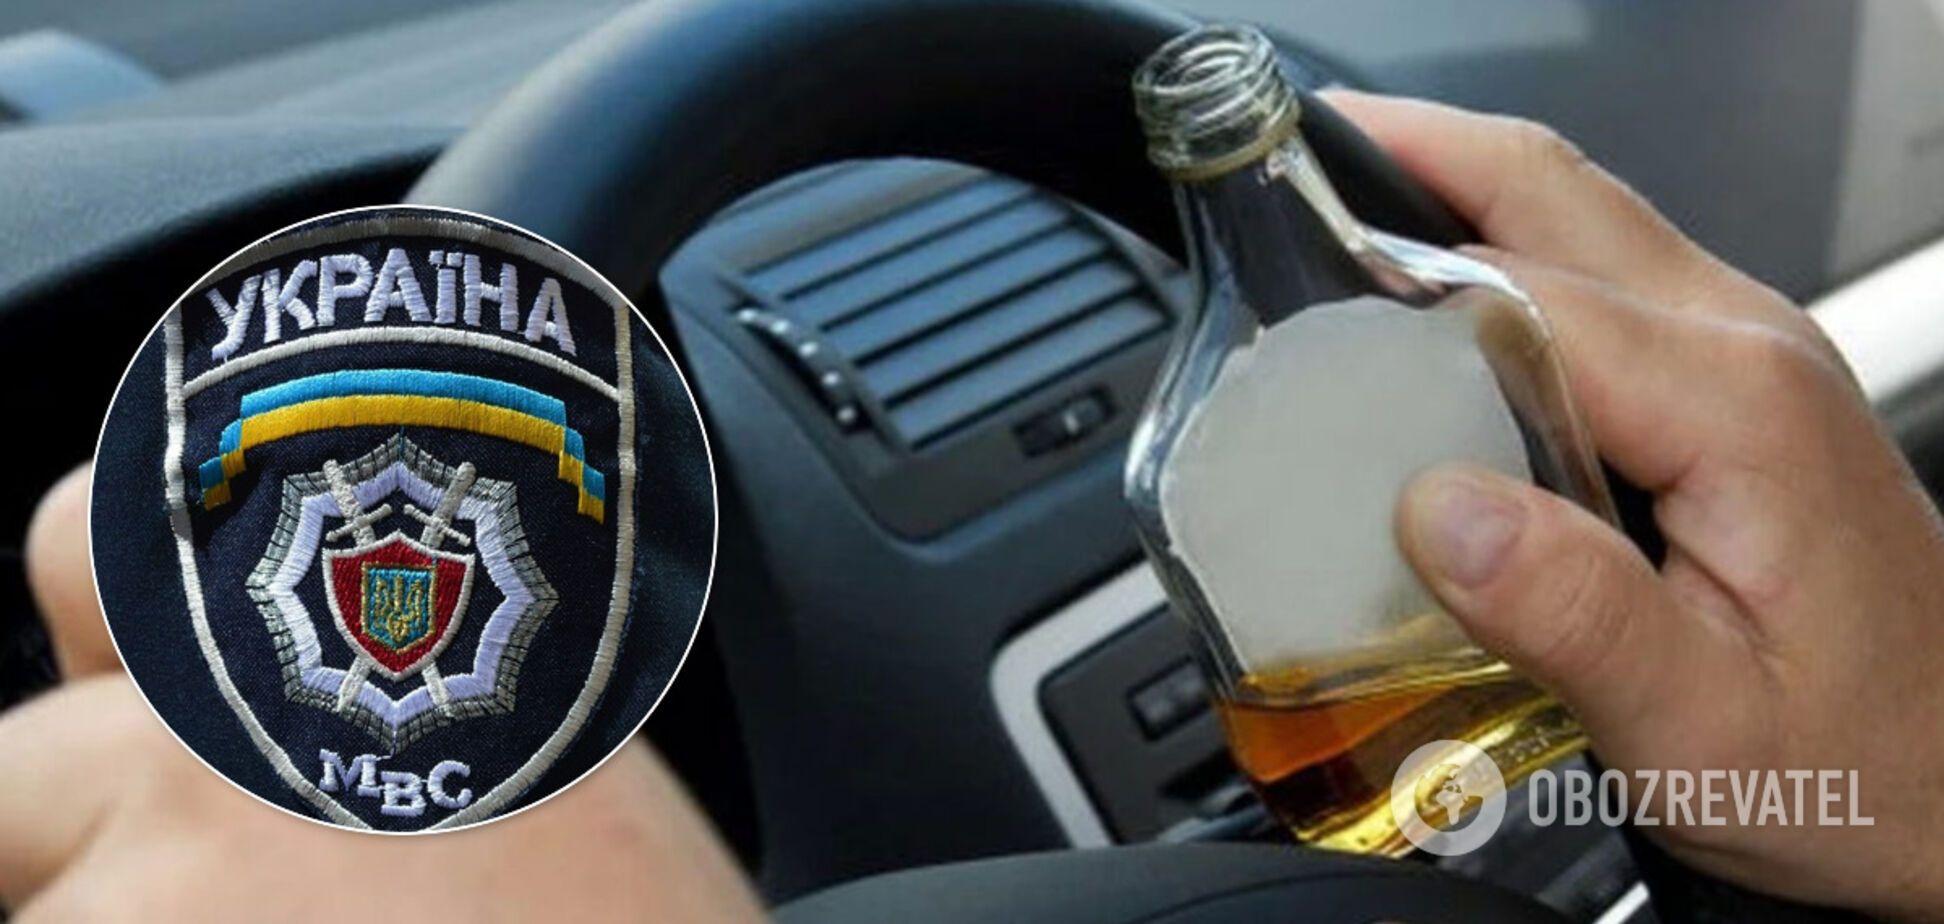 МВД поддержало отмену уголовного наказания за пьяное вождение